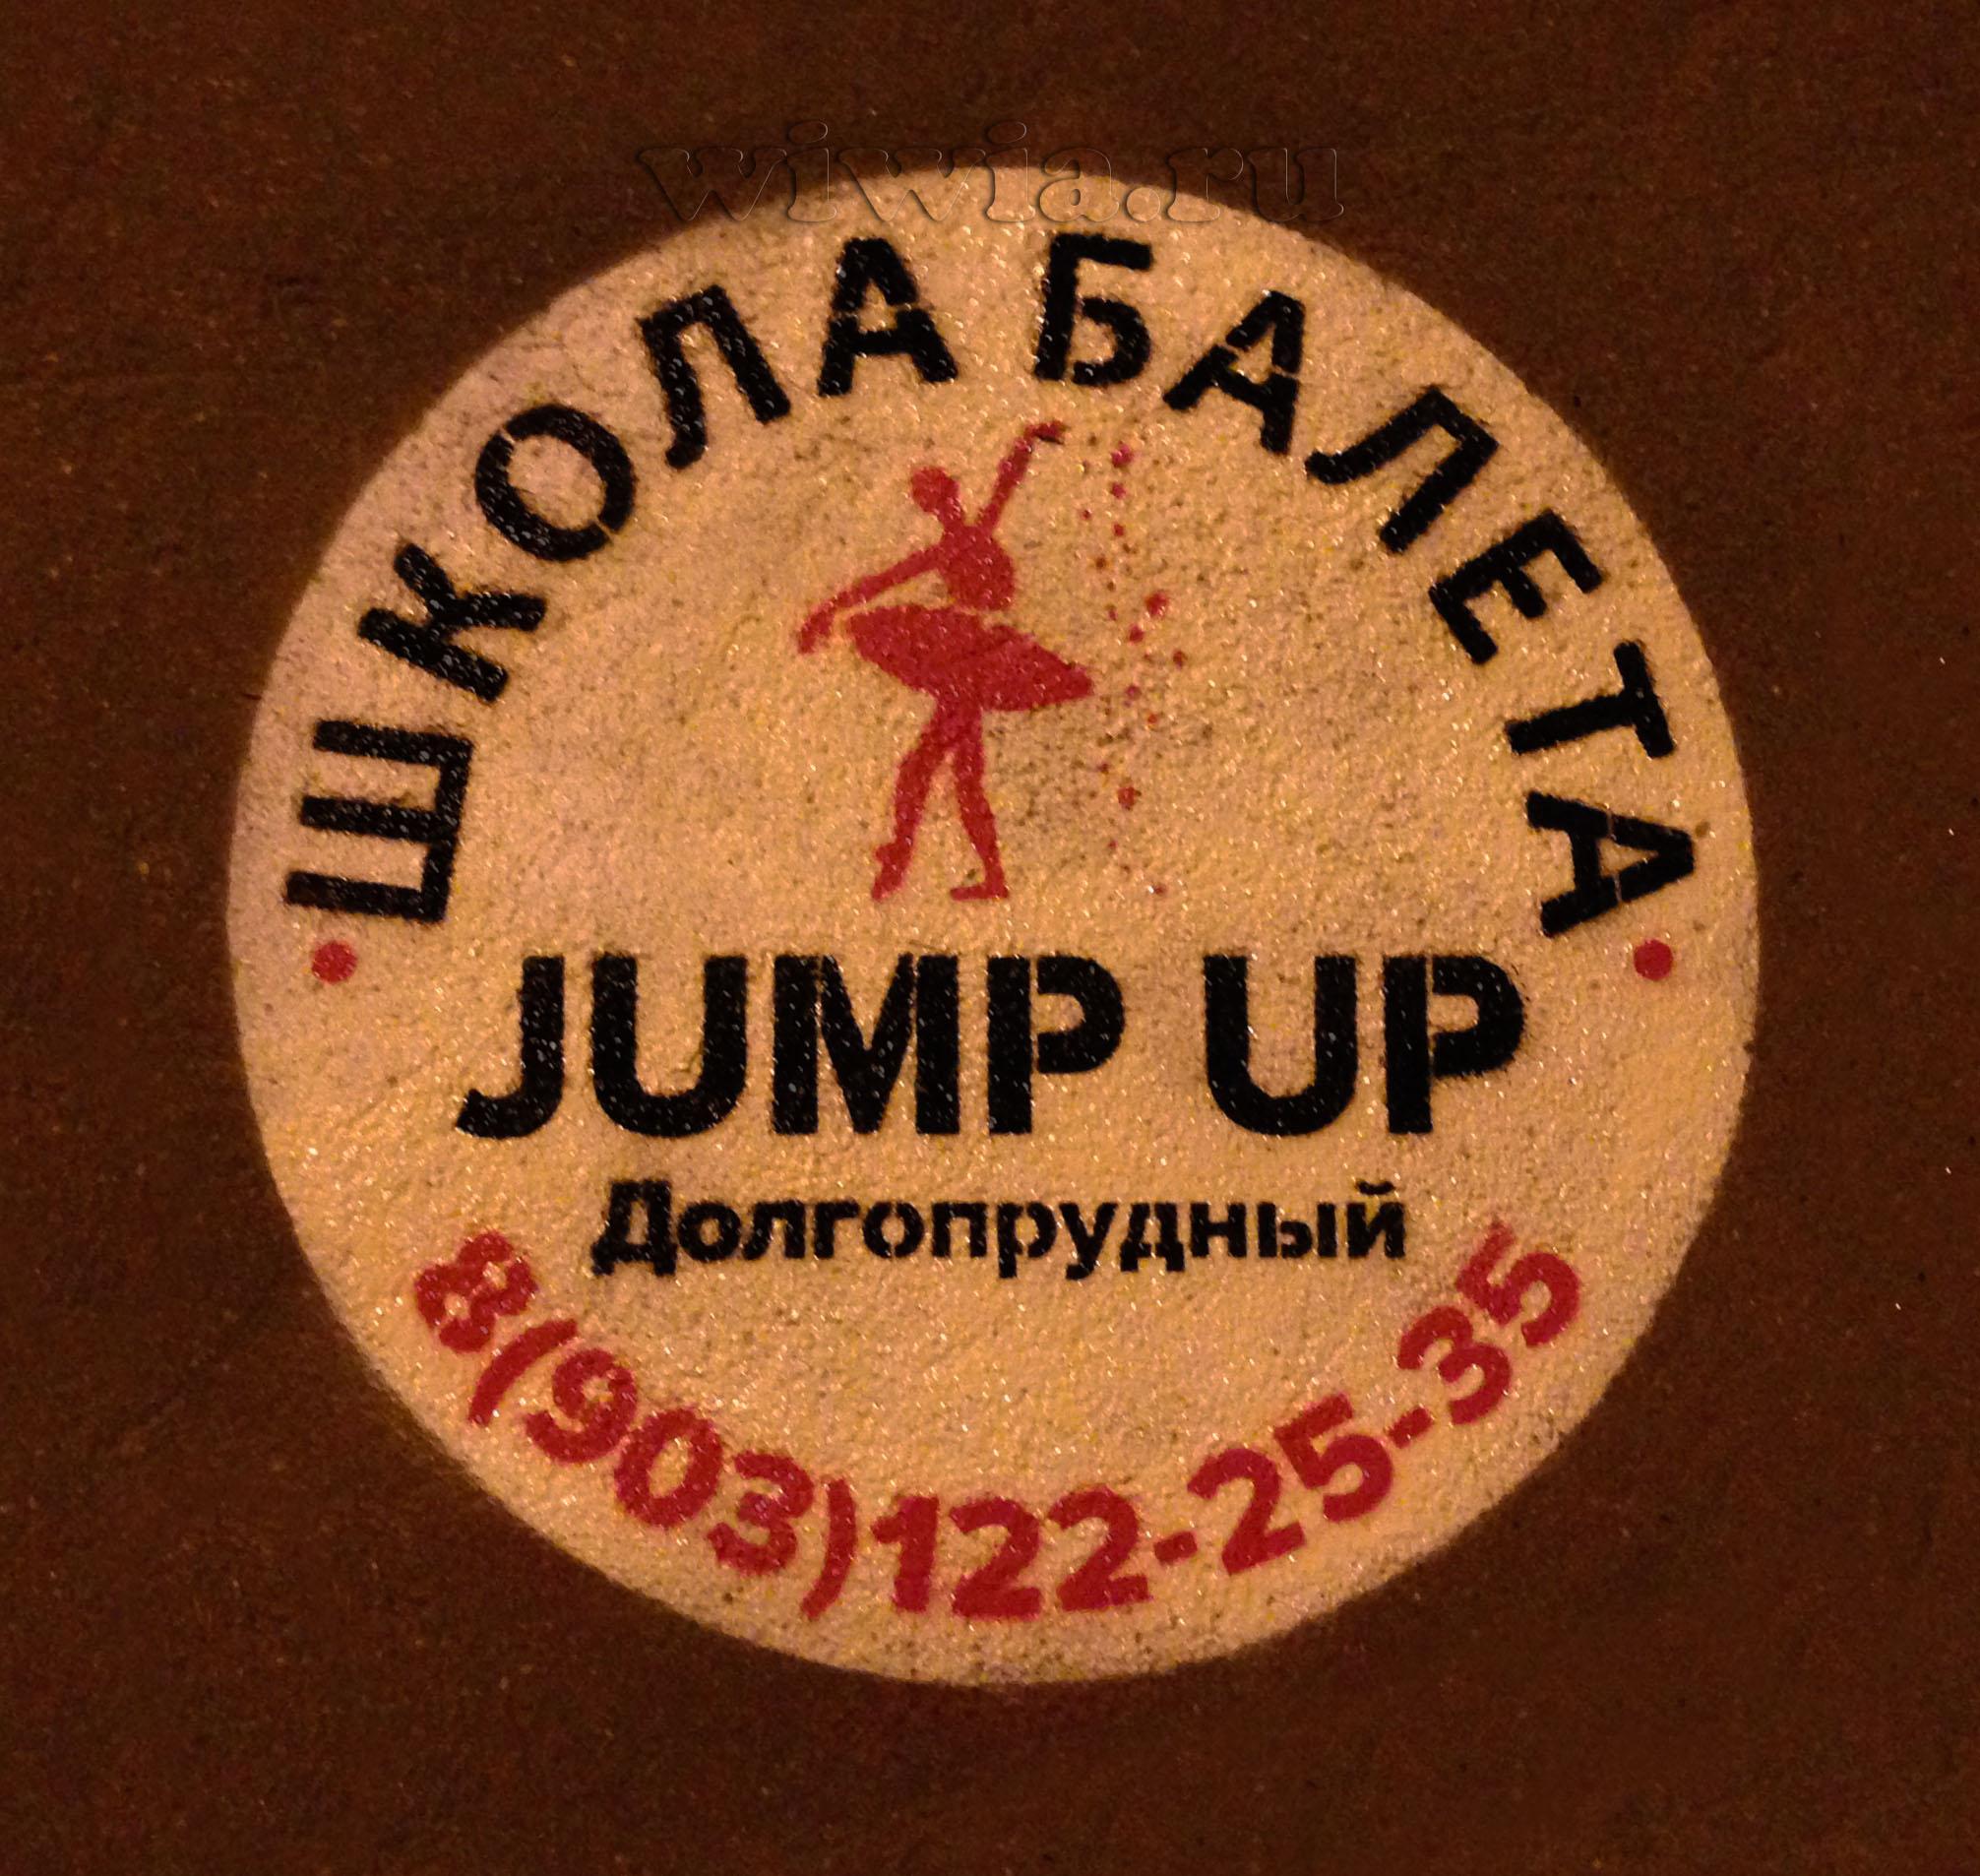 Реклама на асфальте. Школа балета.